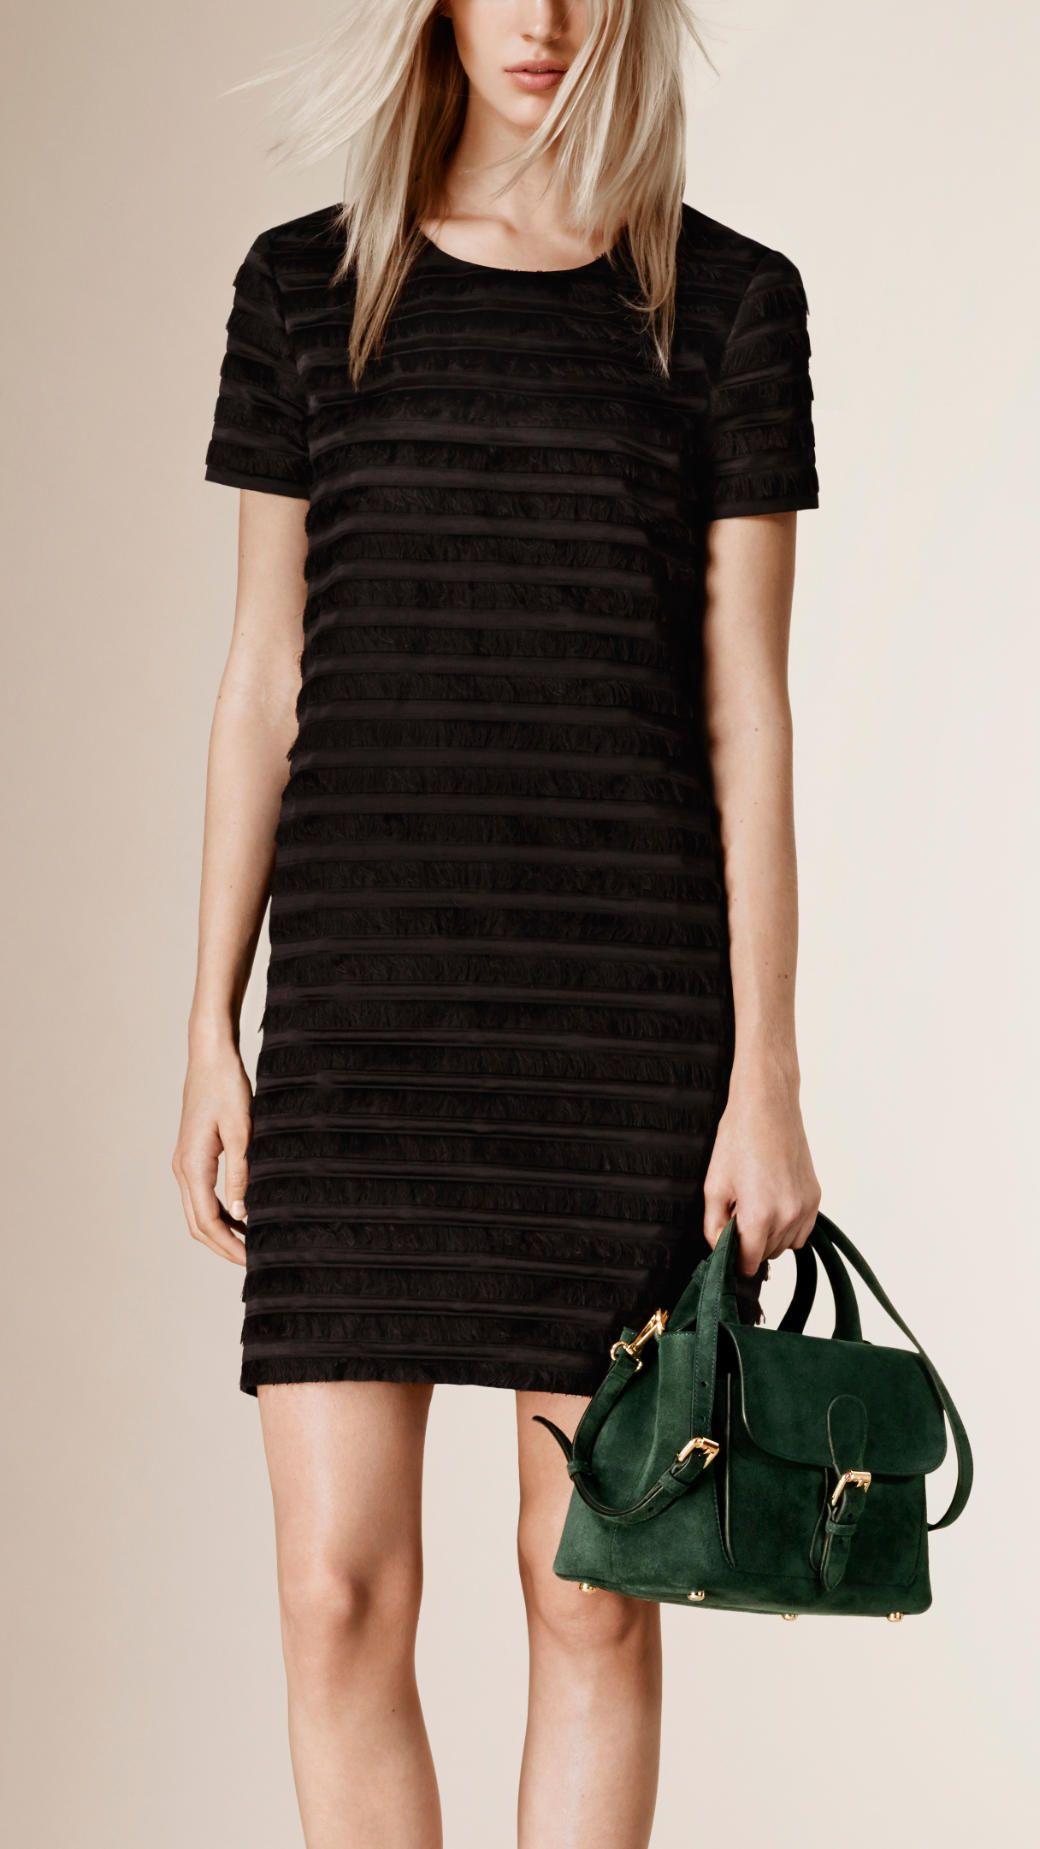 Robe droite en soie à franges   Burberry   Couture   Pinterest ... e823da89fab